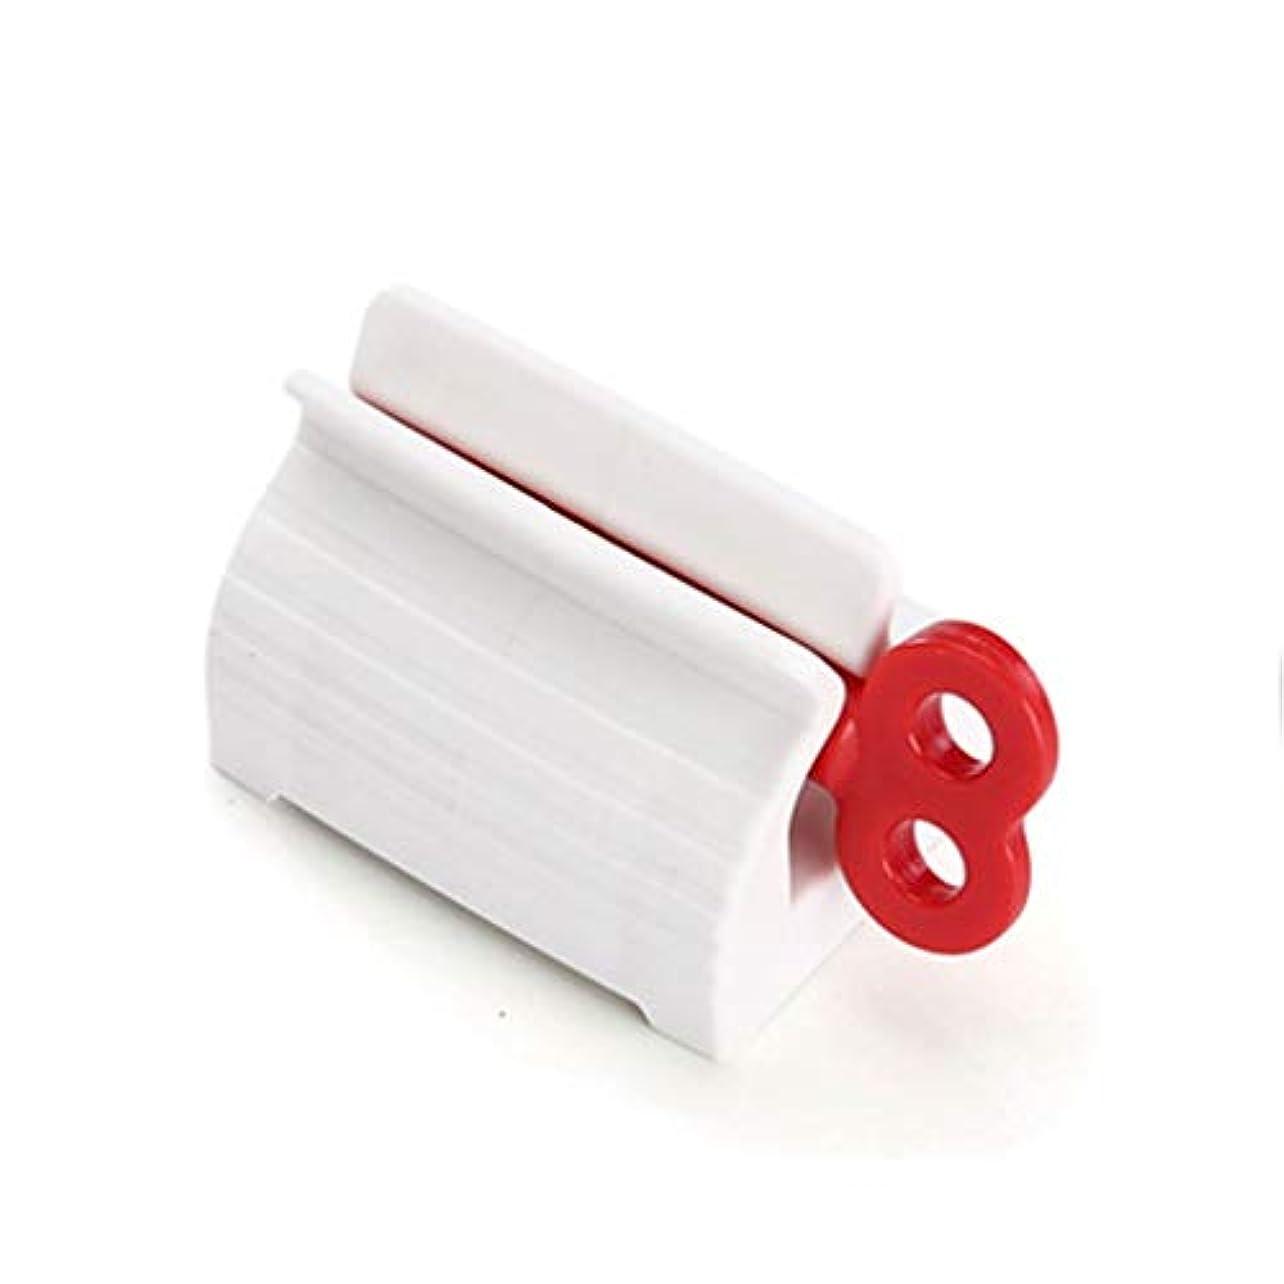 かろうじて賠償永久にKOROWAチューブ絞り器 軟膏押出器 ハンドクリーム 歯磨き粉チューブスクイーザー